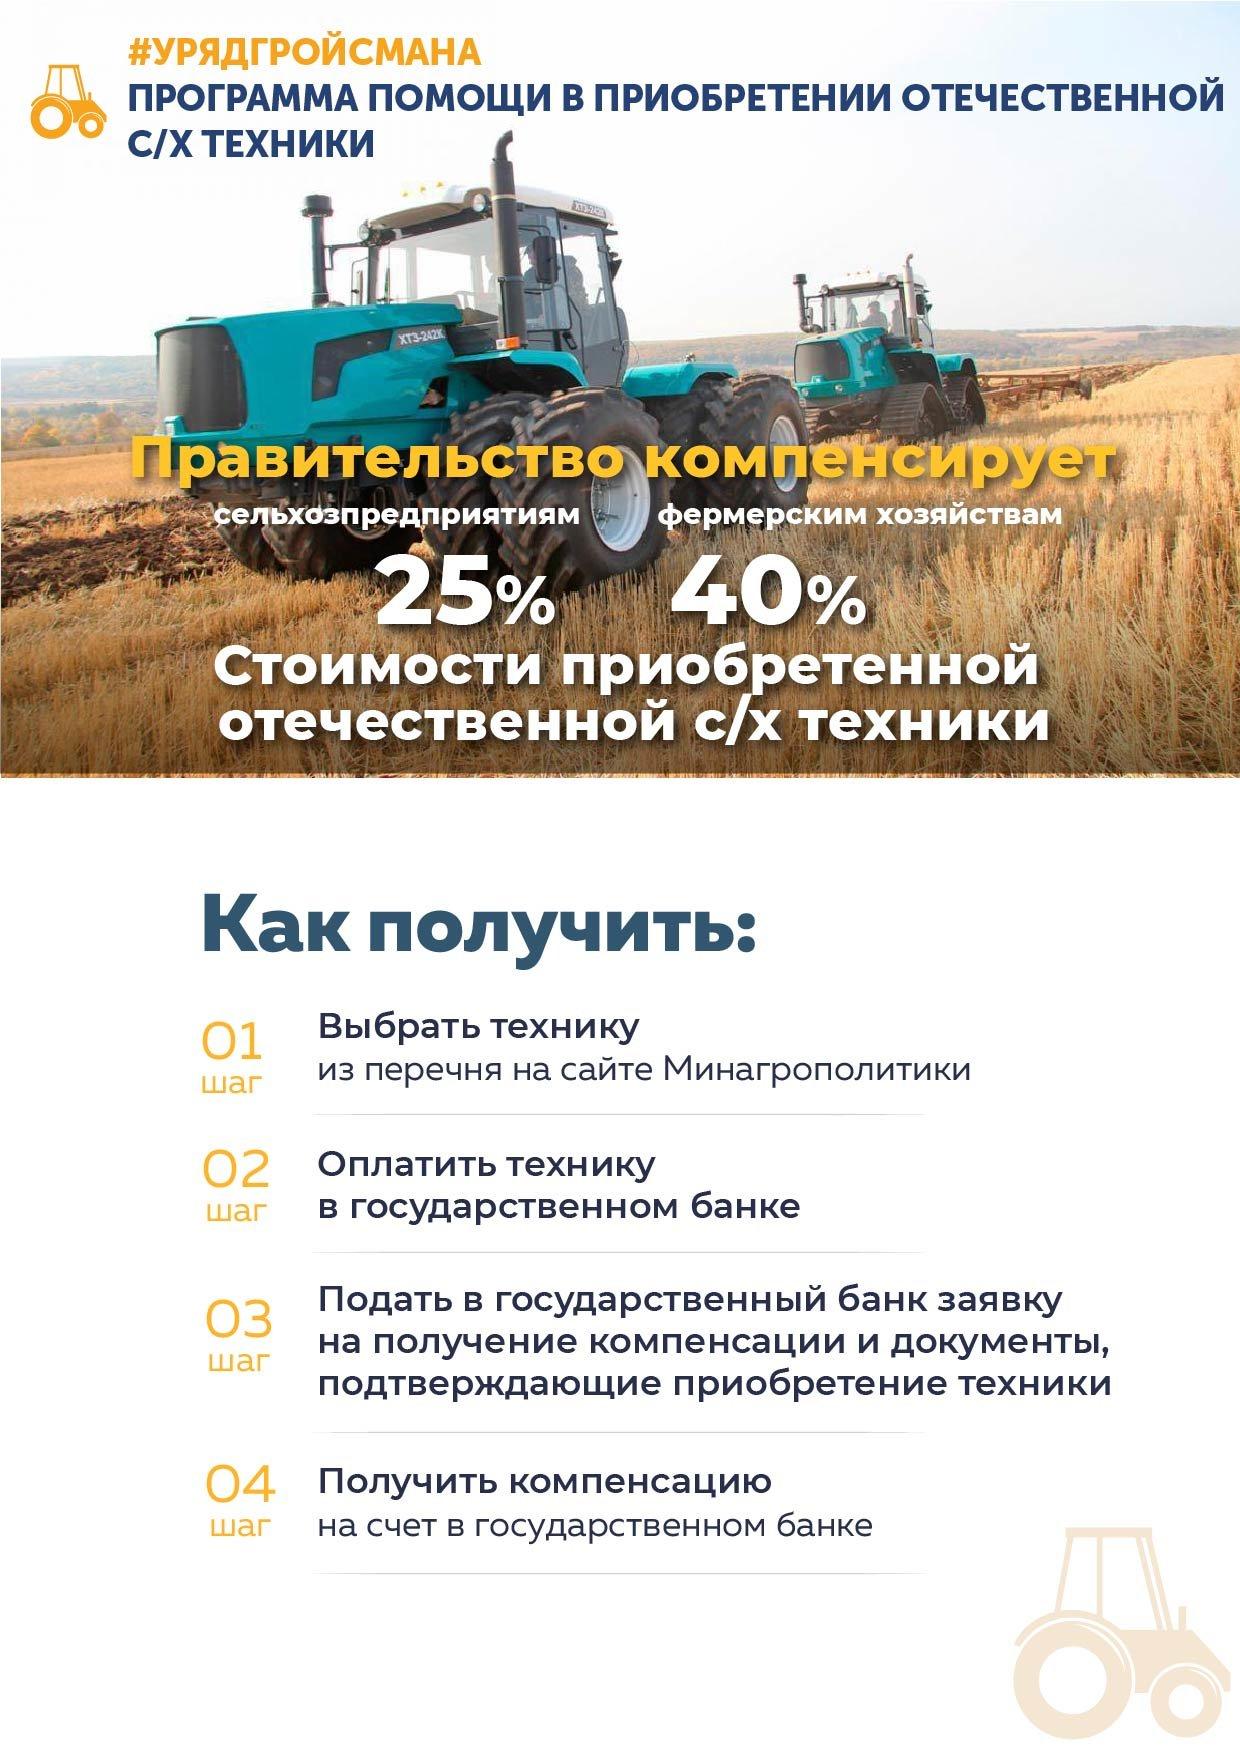 Какую правительственною помощь можно получить на селе для развития хозяйства? , фото-4